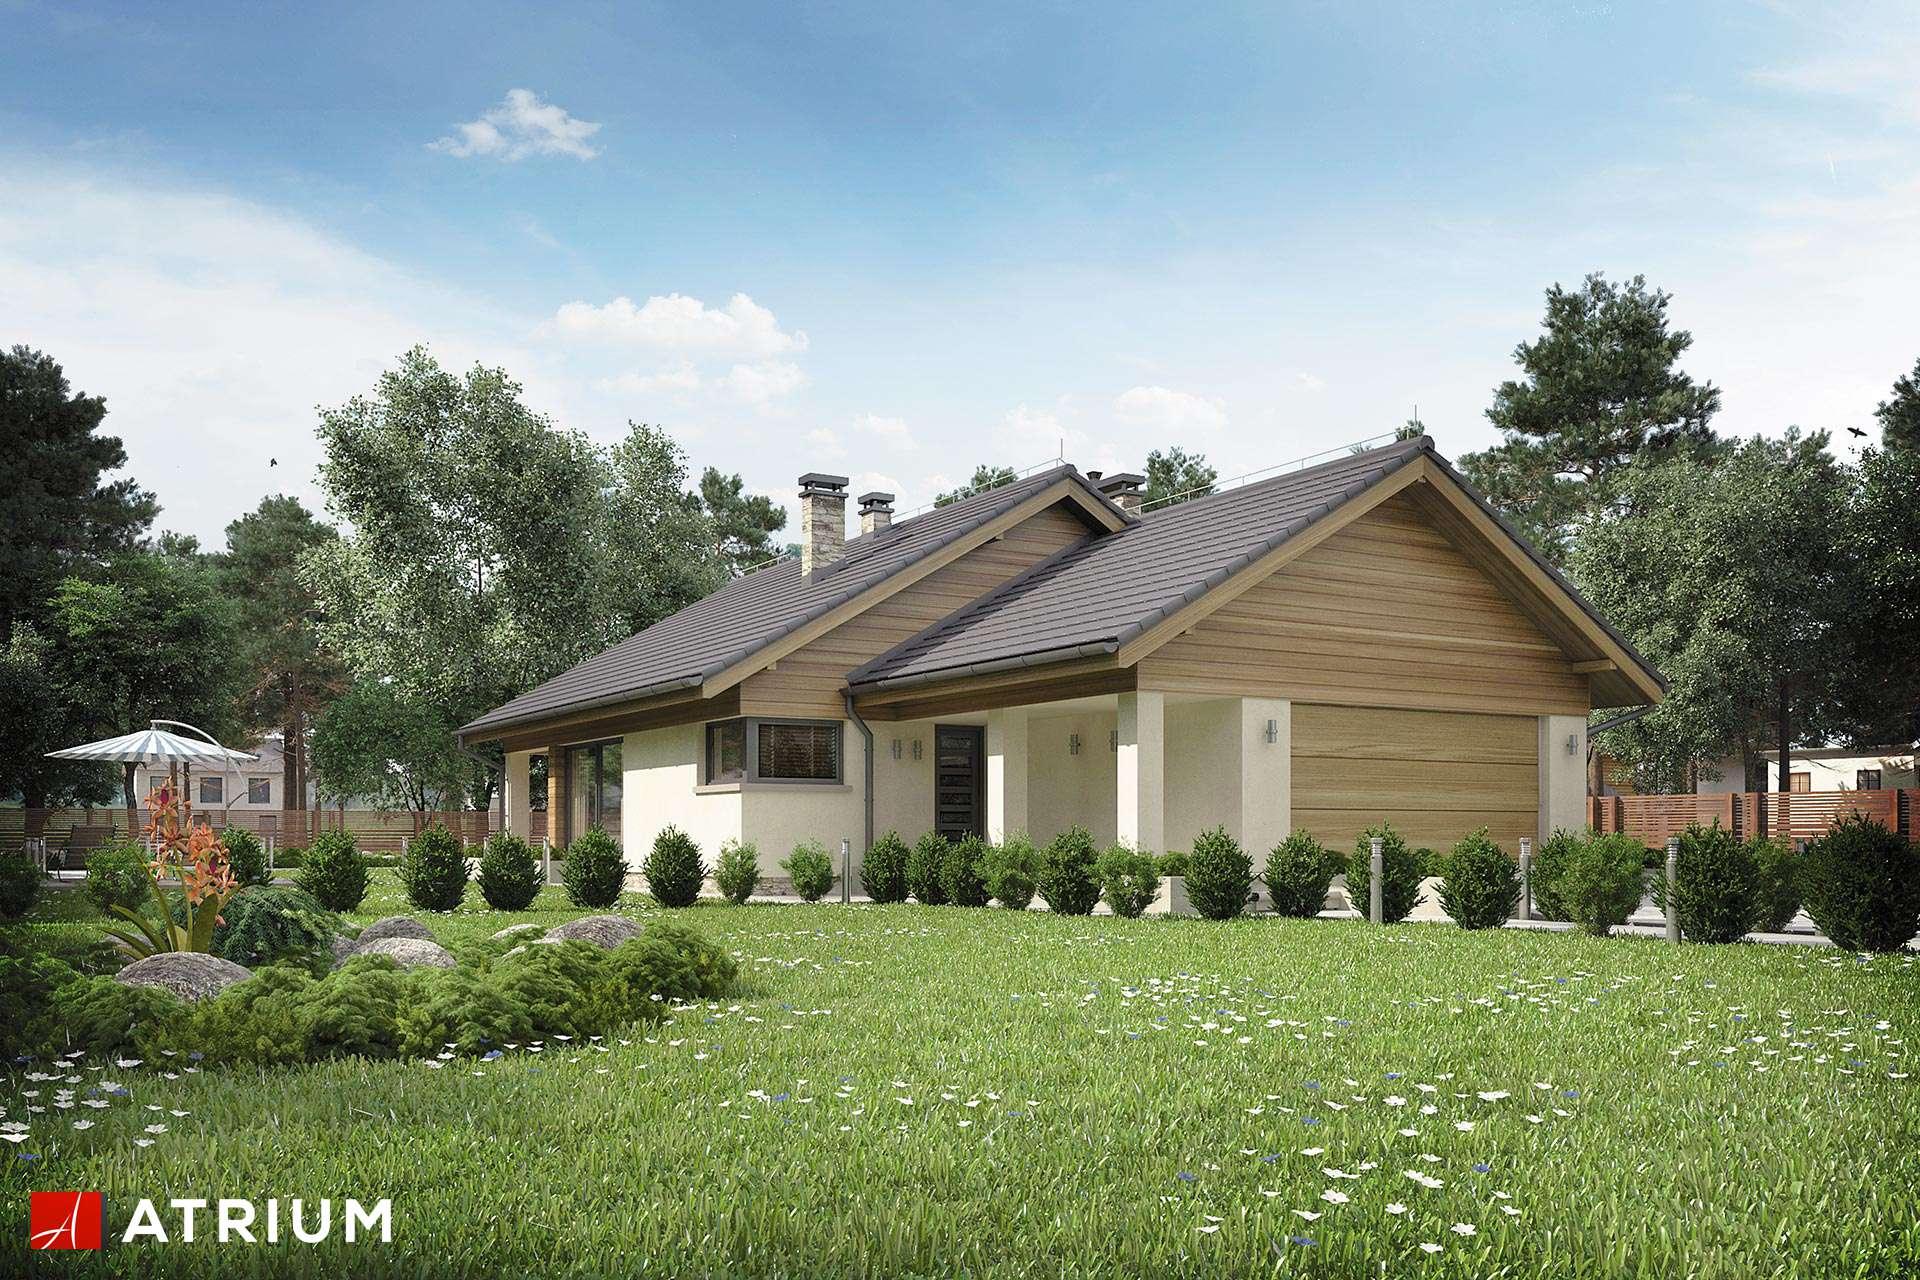 Merlin Parterowy Dom Z Dwustanowiskowym Garażem I Tarasem Studio